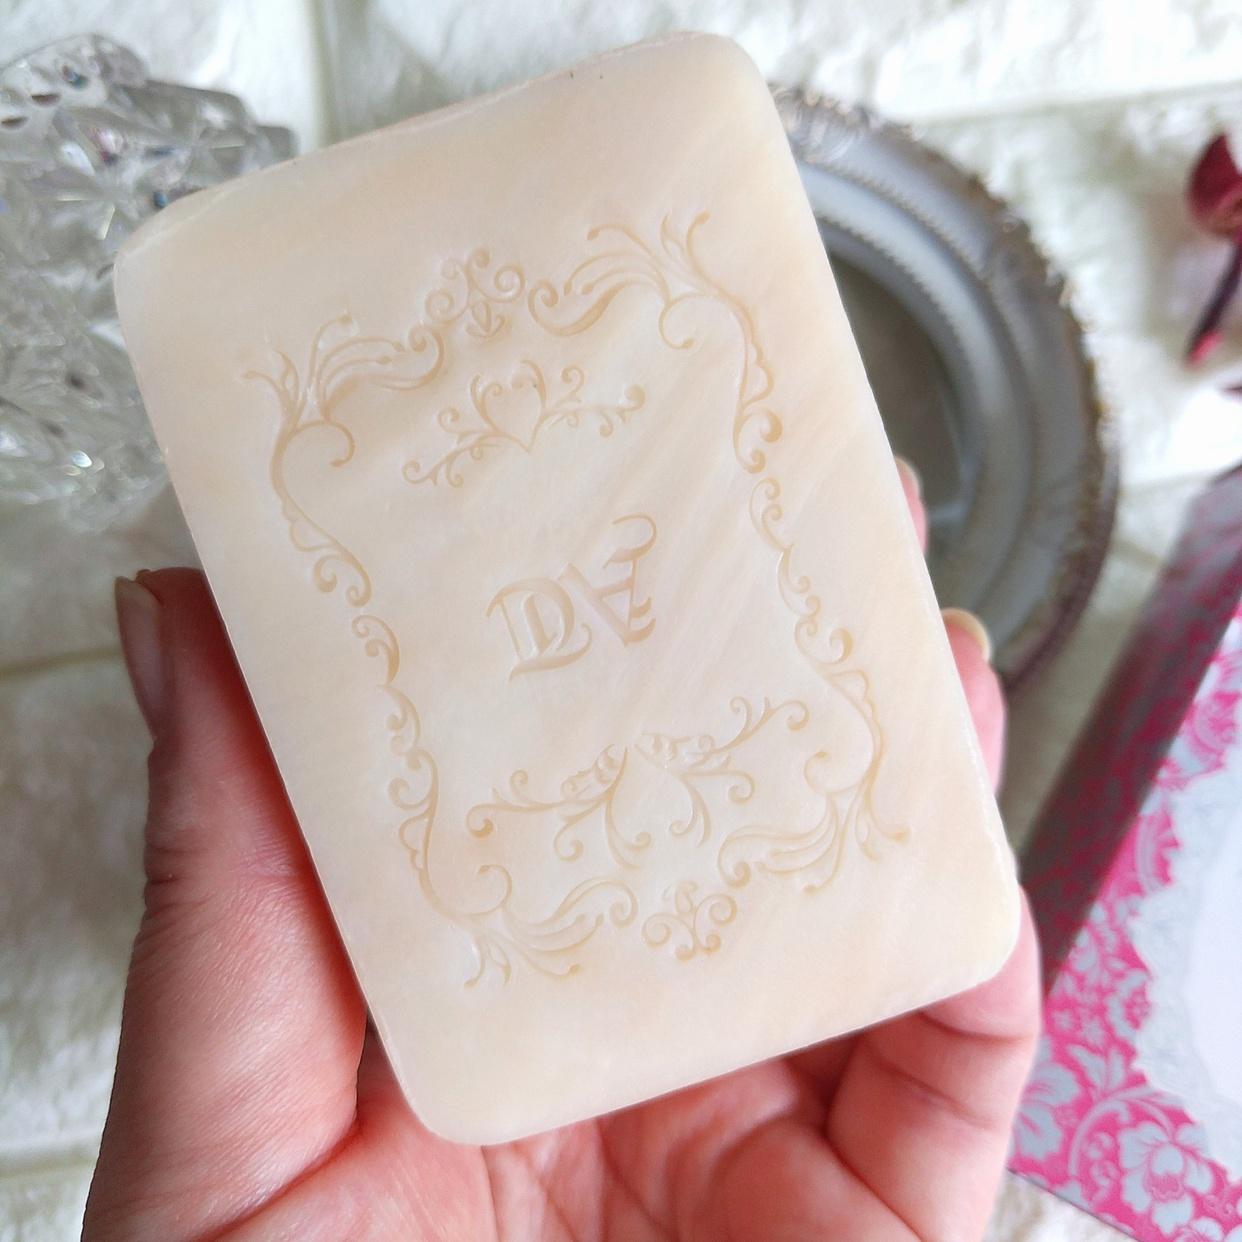 麗凍化粧品(Reitou Cosme) 薔薇はちみつ石鹸を使ったまるもふさんのクチコミ画像3